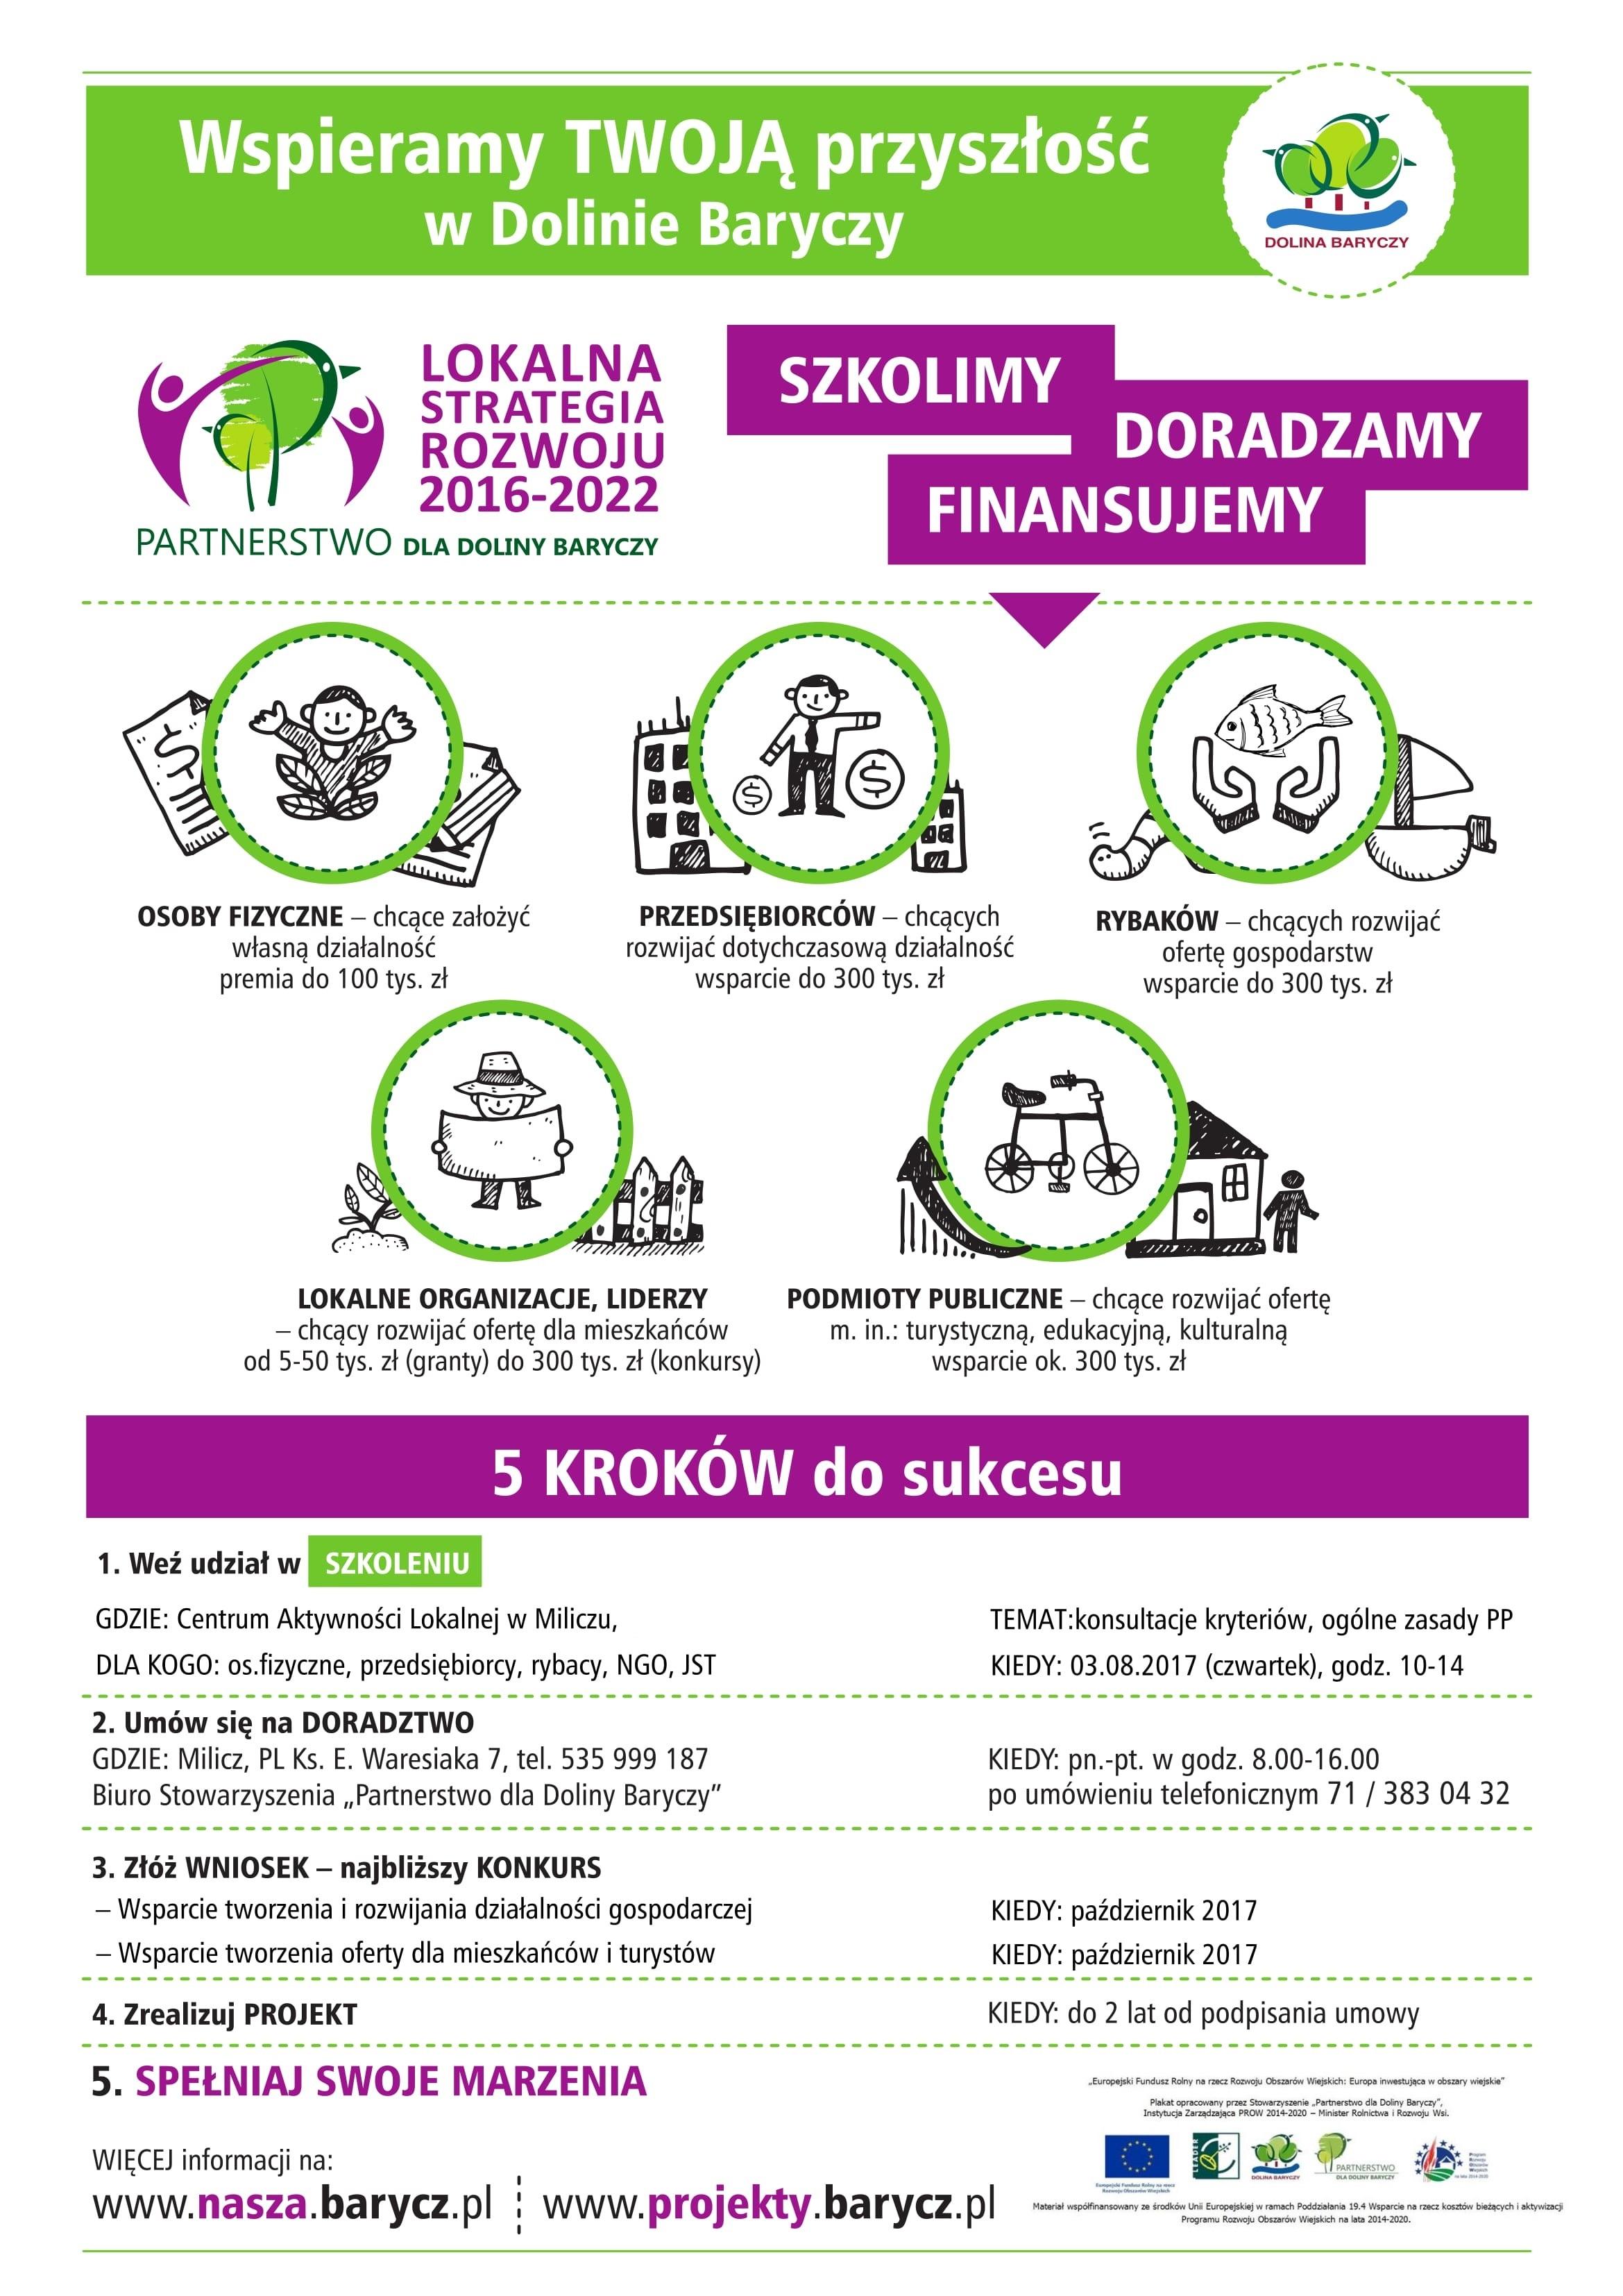 Konsultacja kryteriów i ogólne zasady wsparcia_plakatt-1